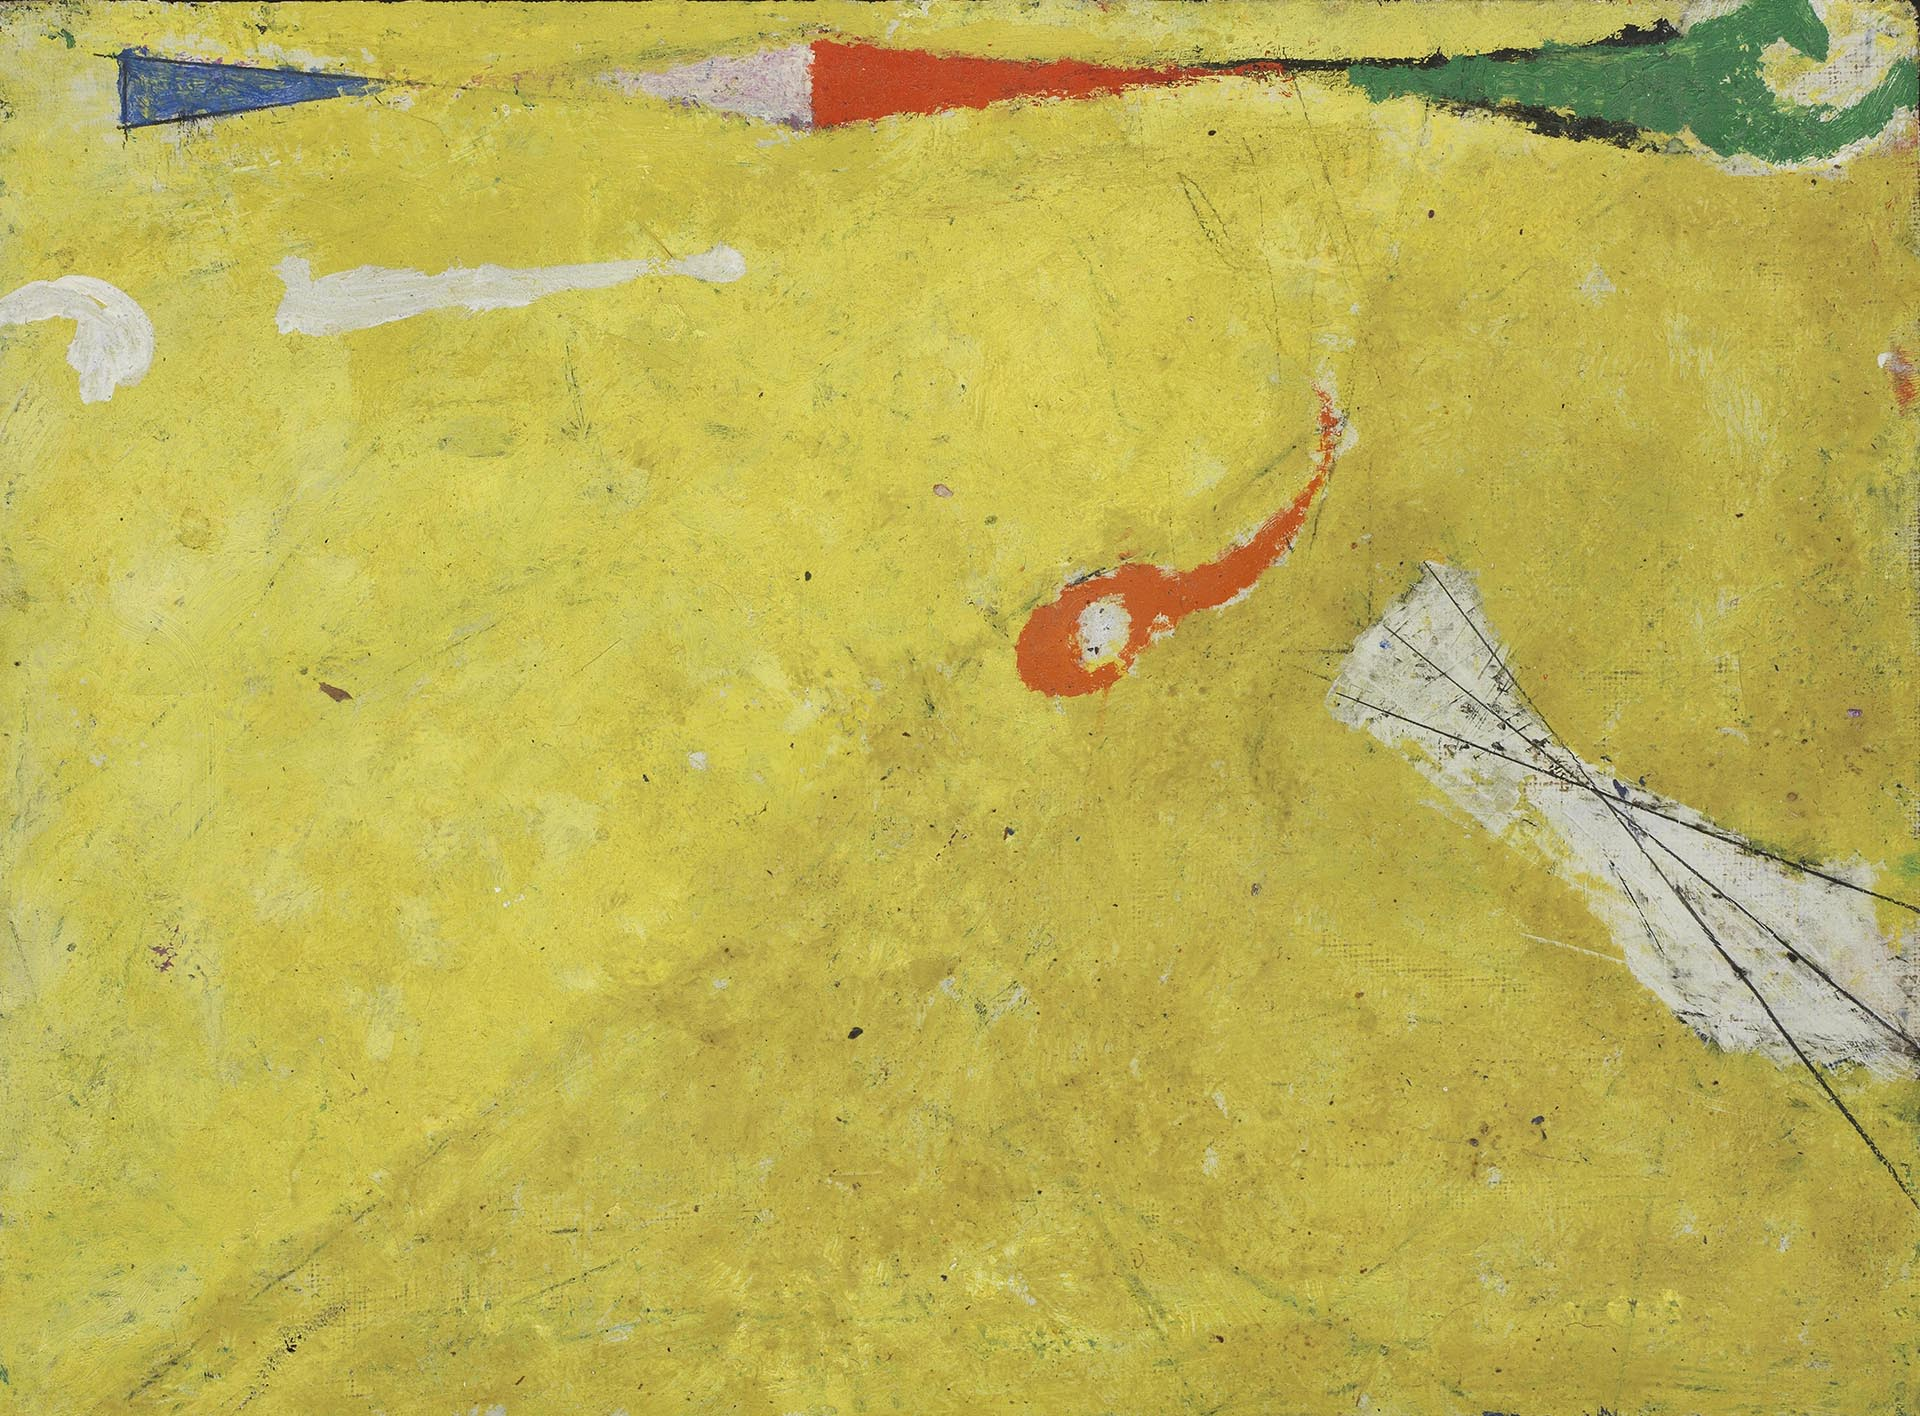 Licini, Missile su fondo giallo, 1954, 27.3x36 cm